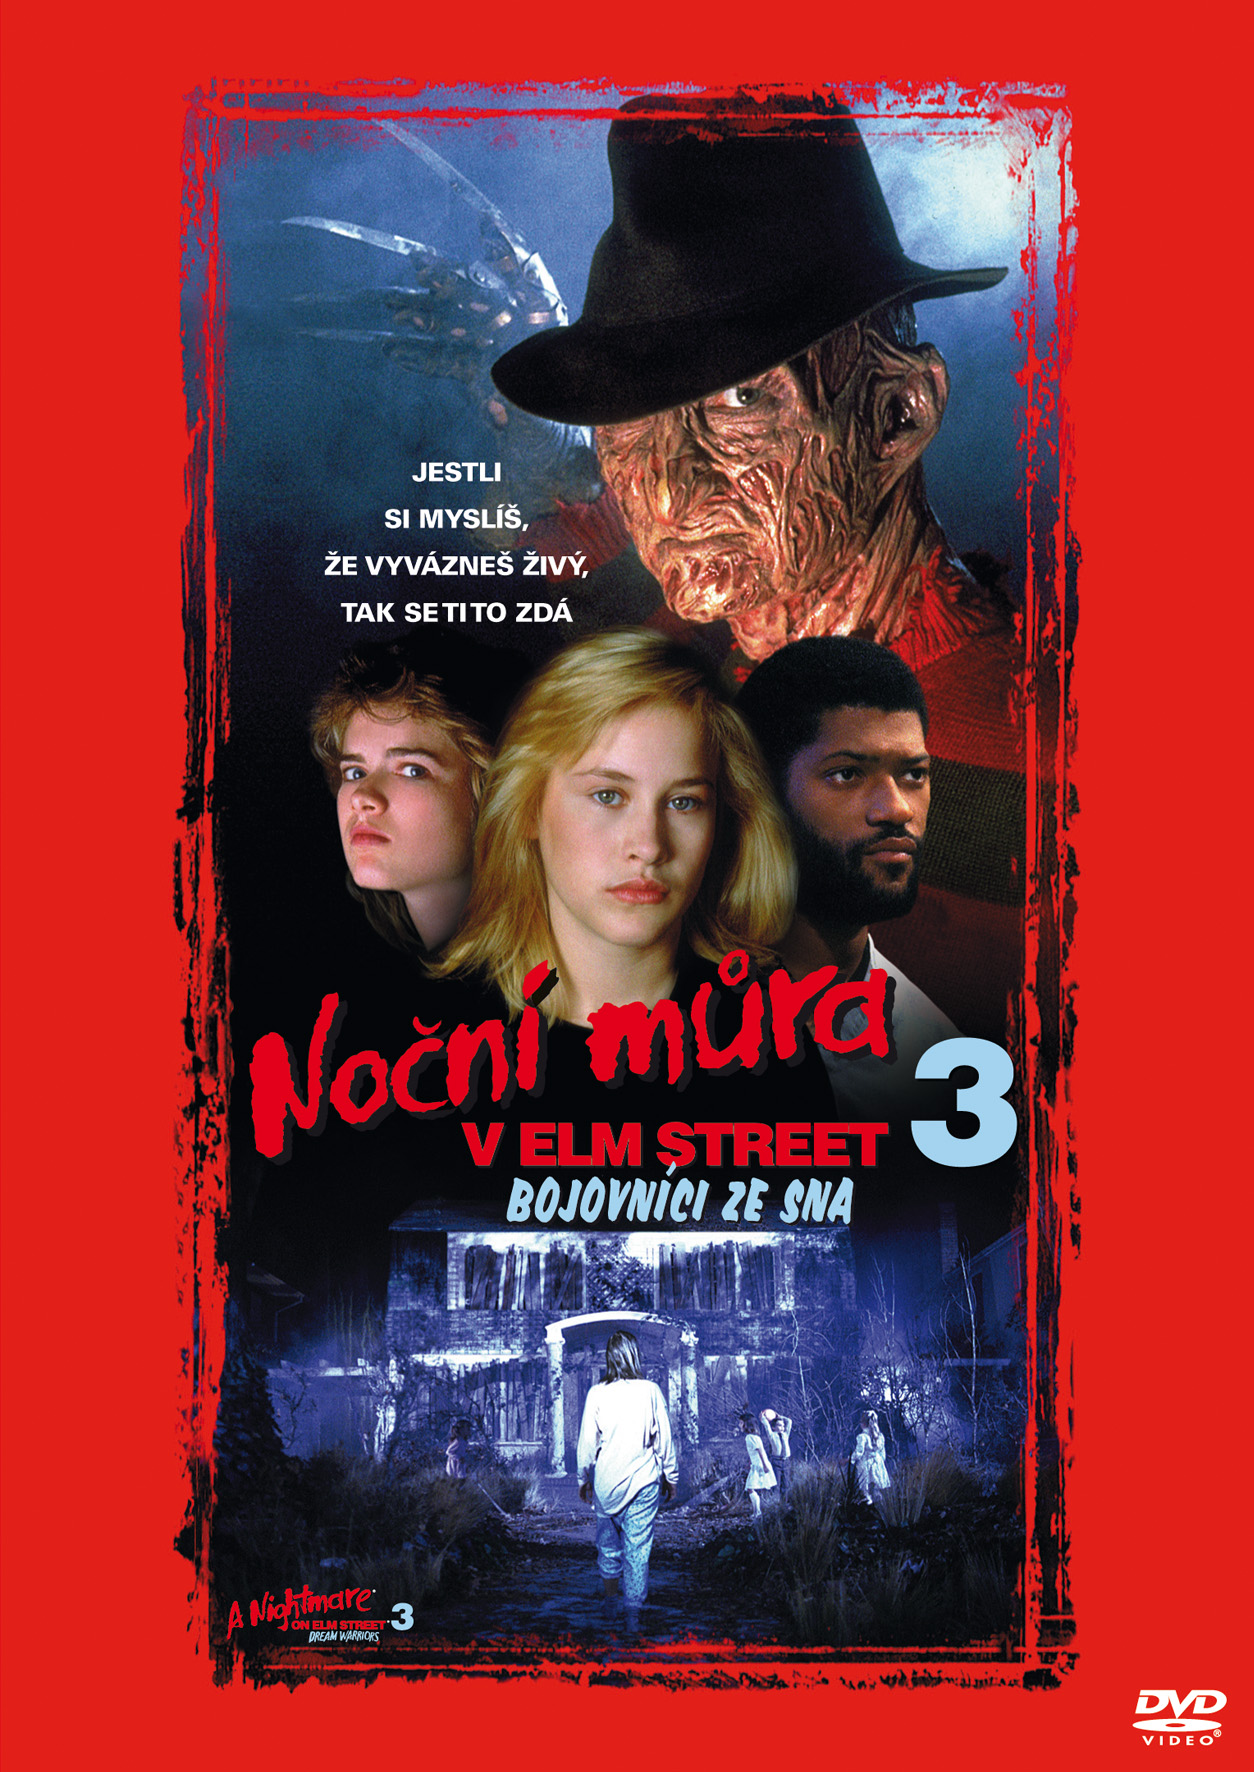 Spustit online film zdarma Noční můra v Elm Street 3: Bojovníci ze sna